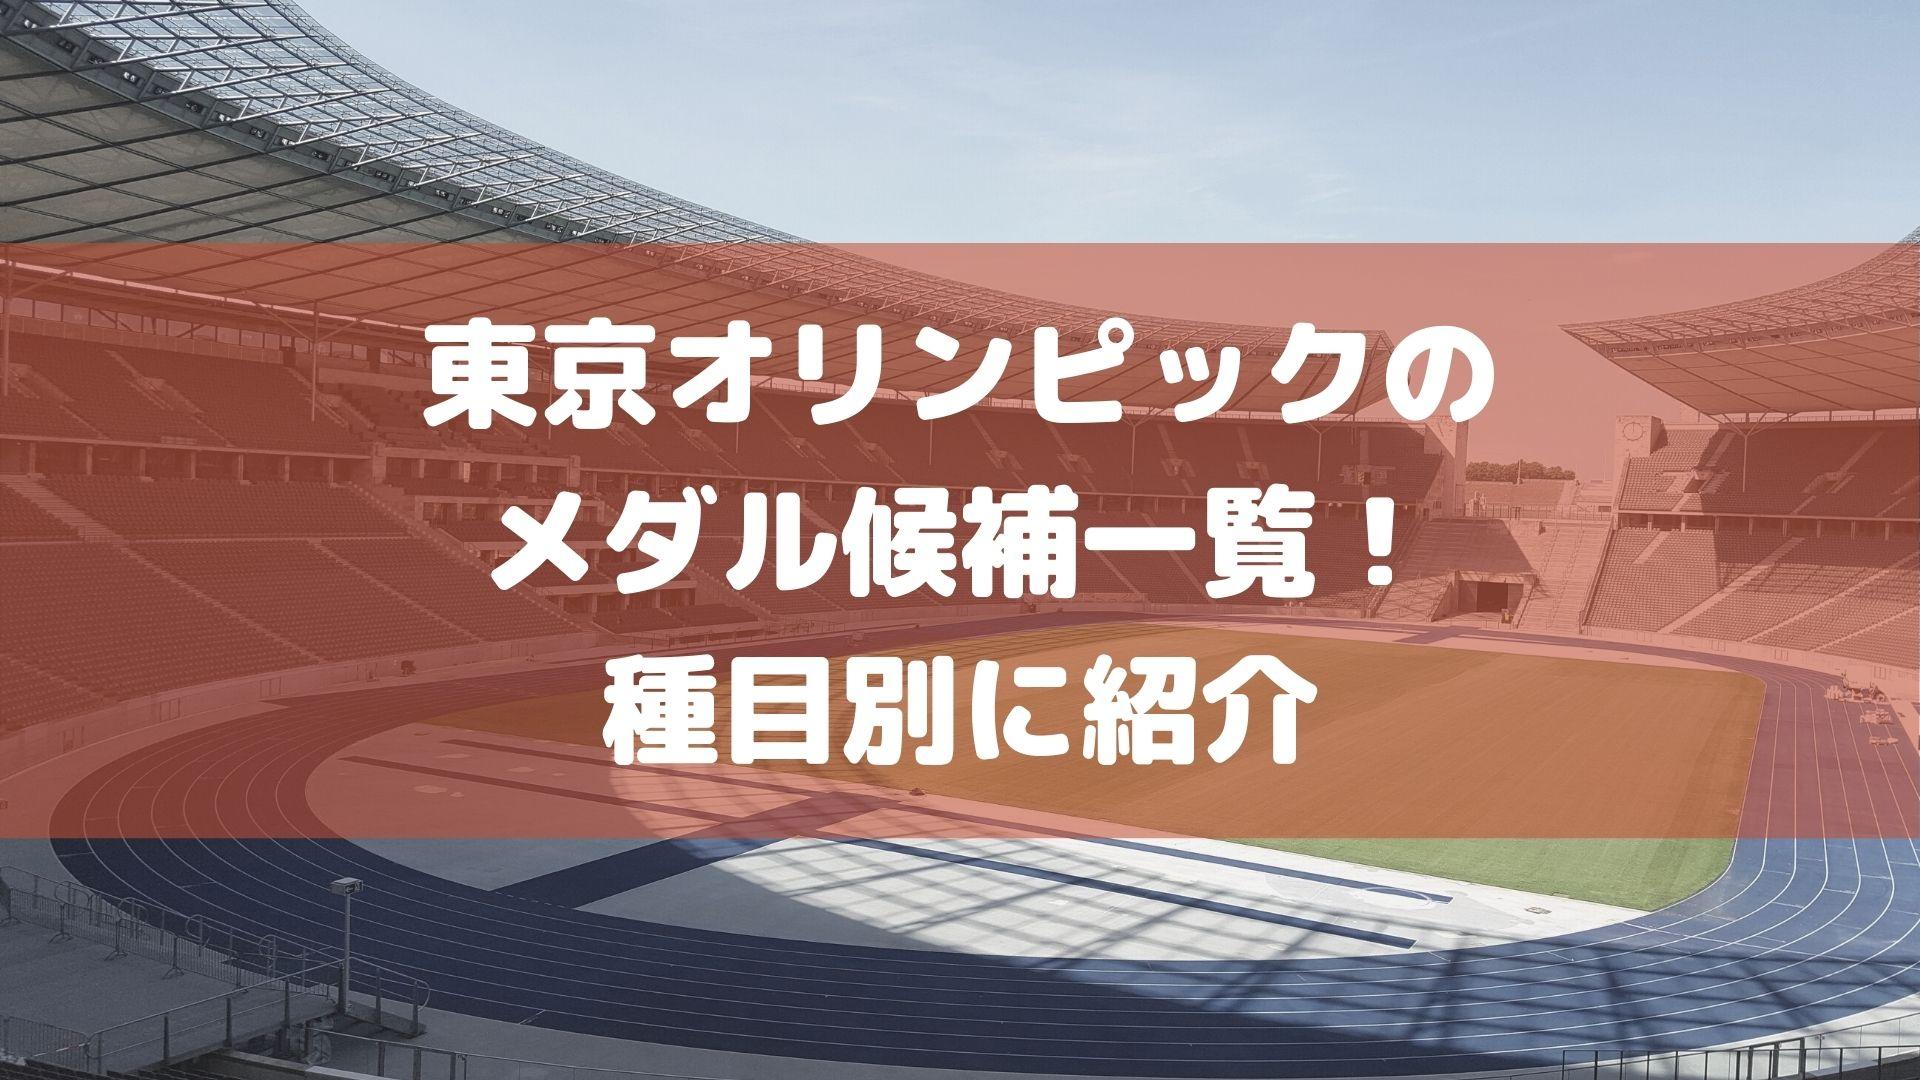 東京オリンピックのメダル候補一覧!種目別